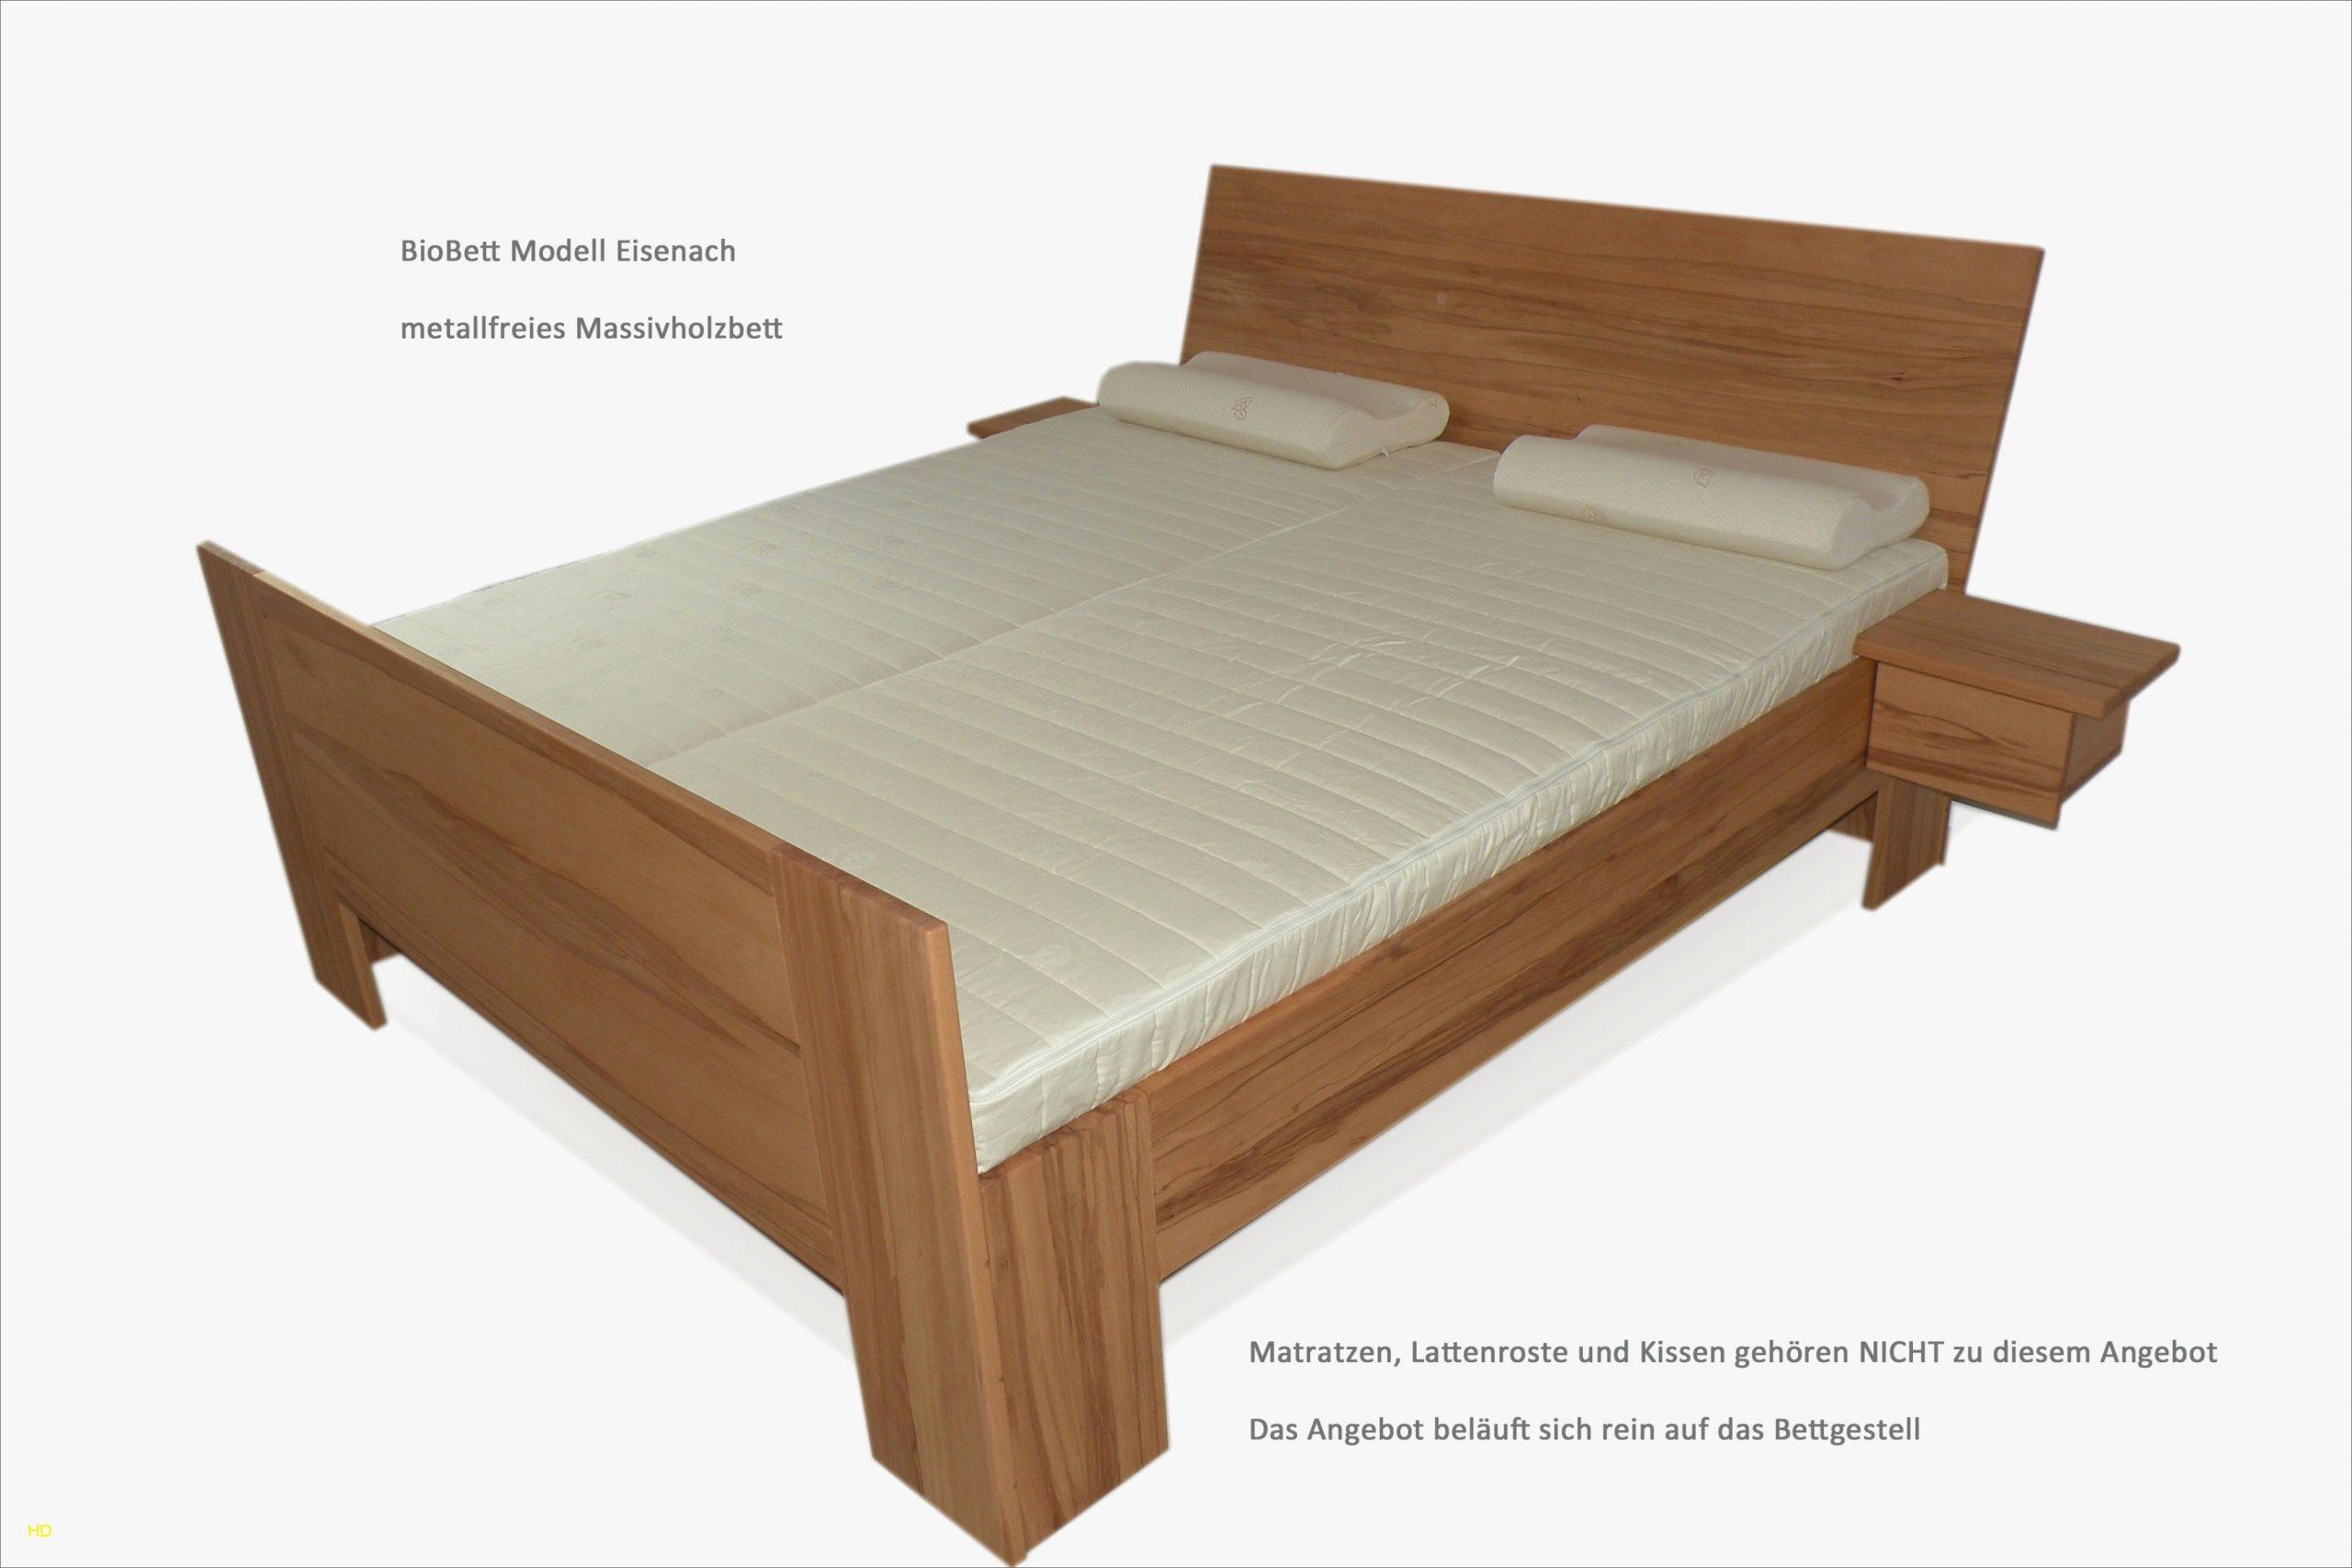 Full Size of Massivholzbett 90x200 Ikea Zuhause Futon Bett Betten Für übergewichtige 140x220 200x200 Günstiges Matratze Modernes 180x200 Schrank Funktions Mit Bettkasten Bett Bett 80x200